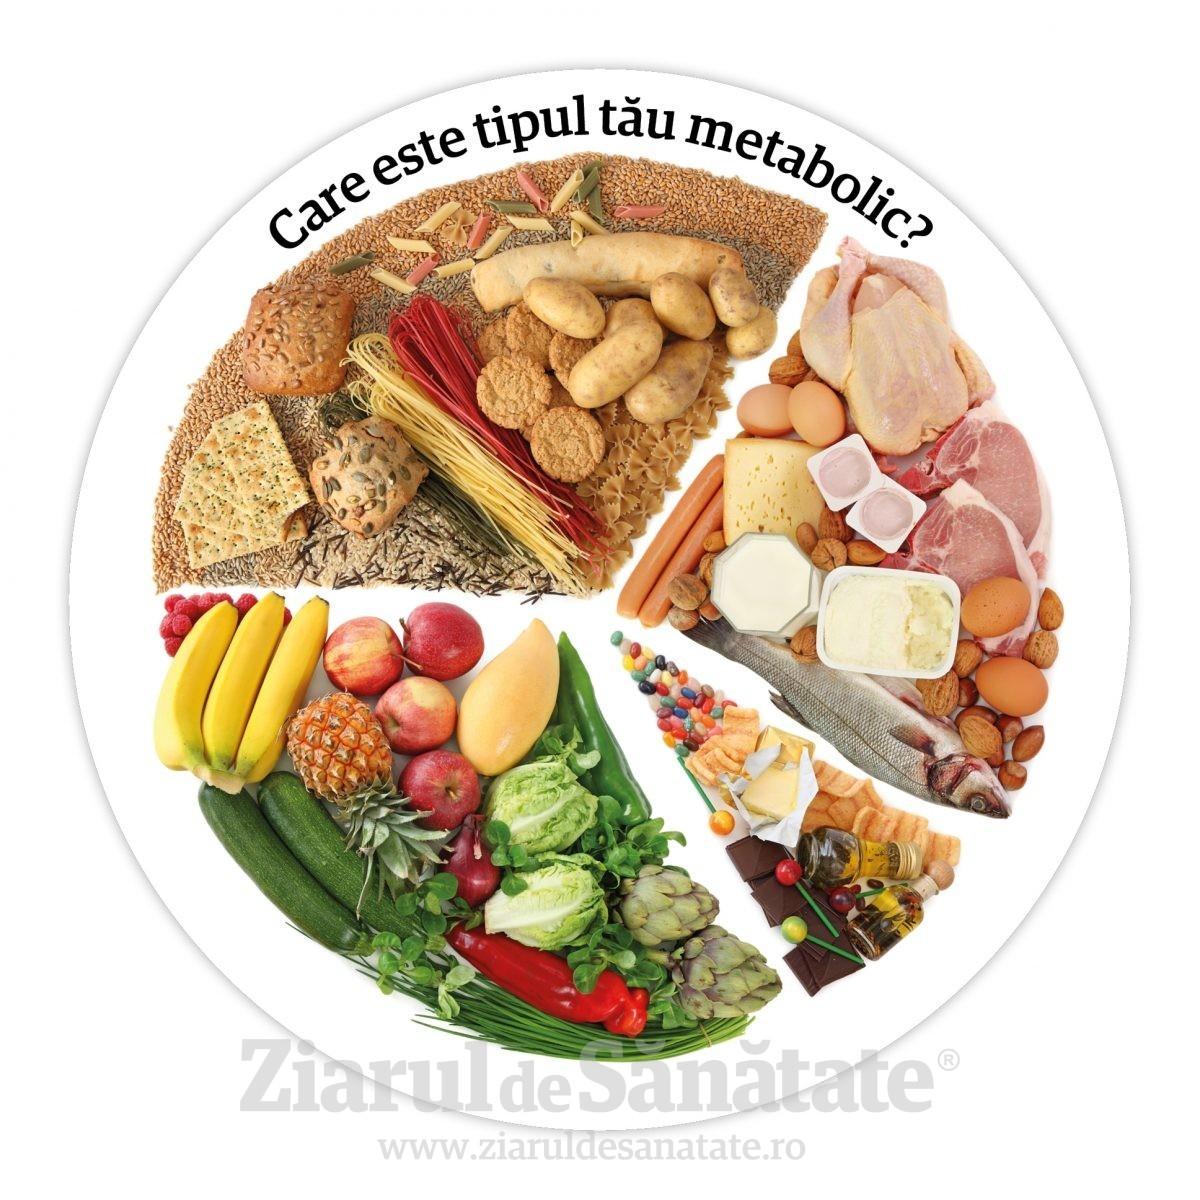 Care este tipul tau metabolic